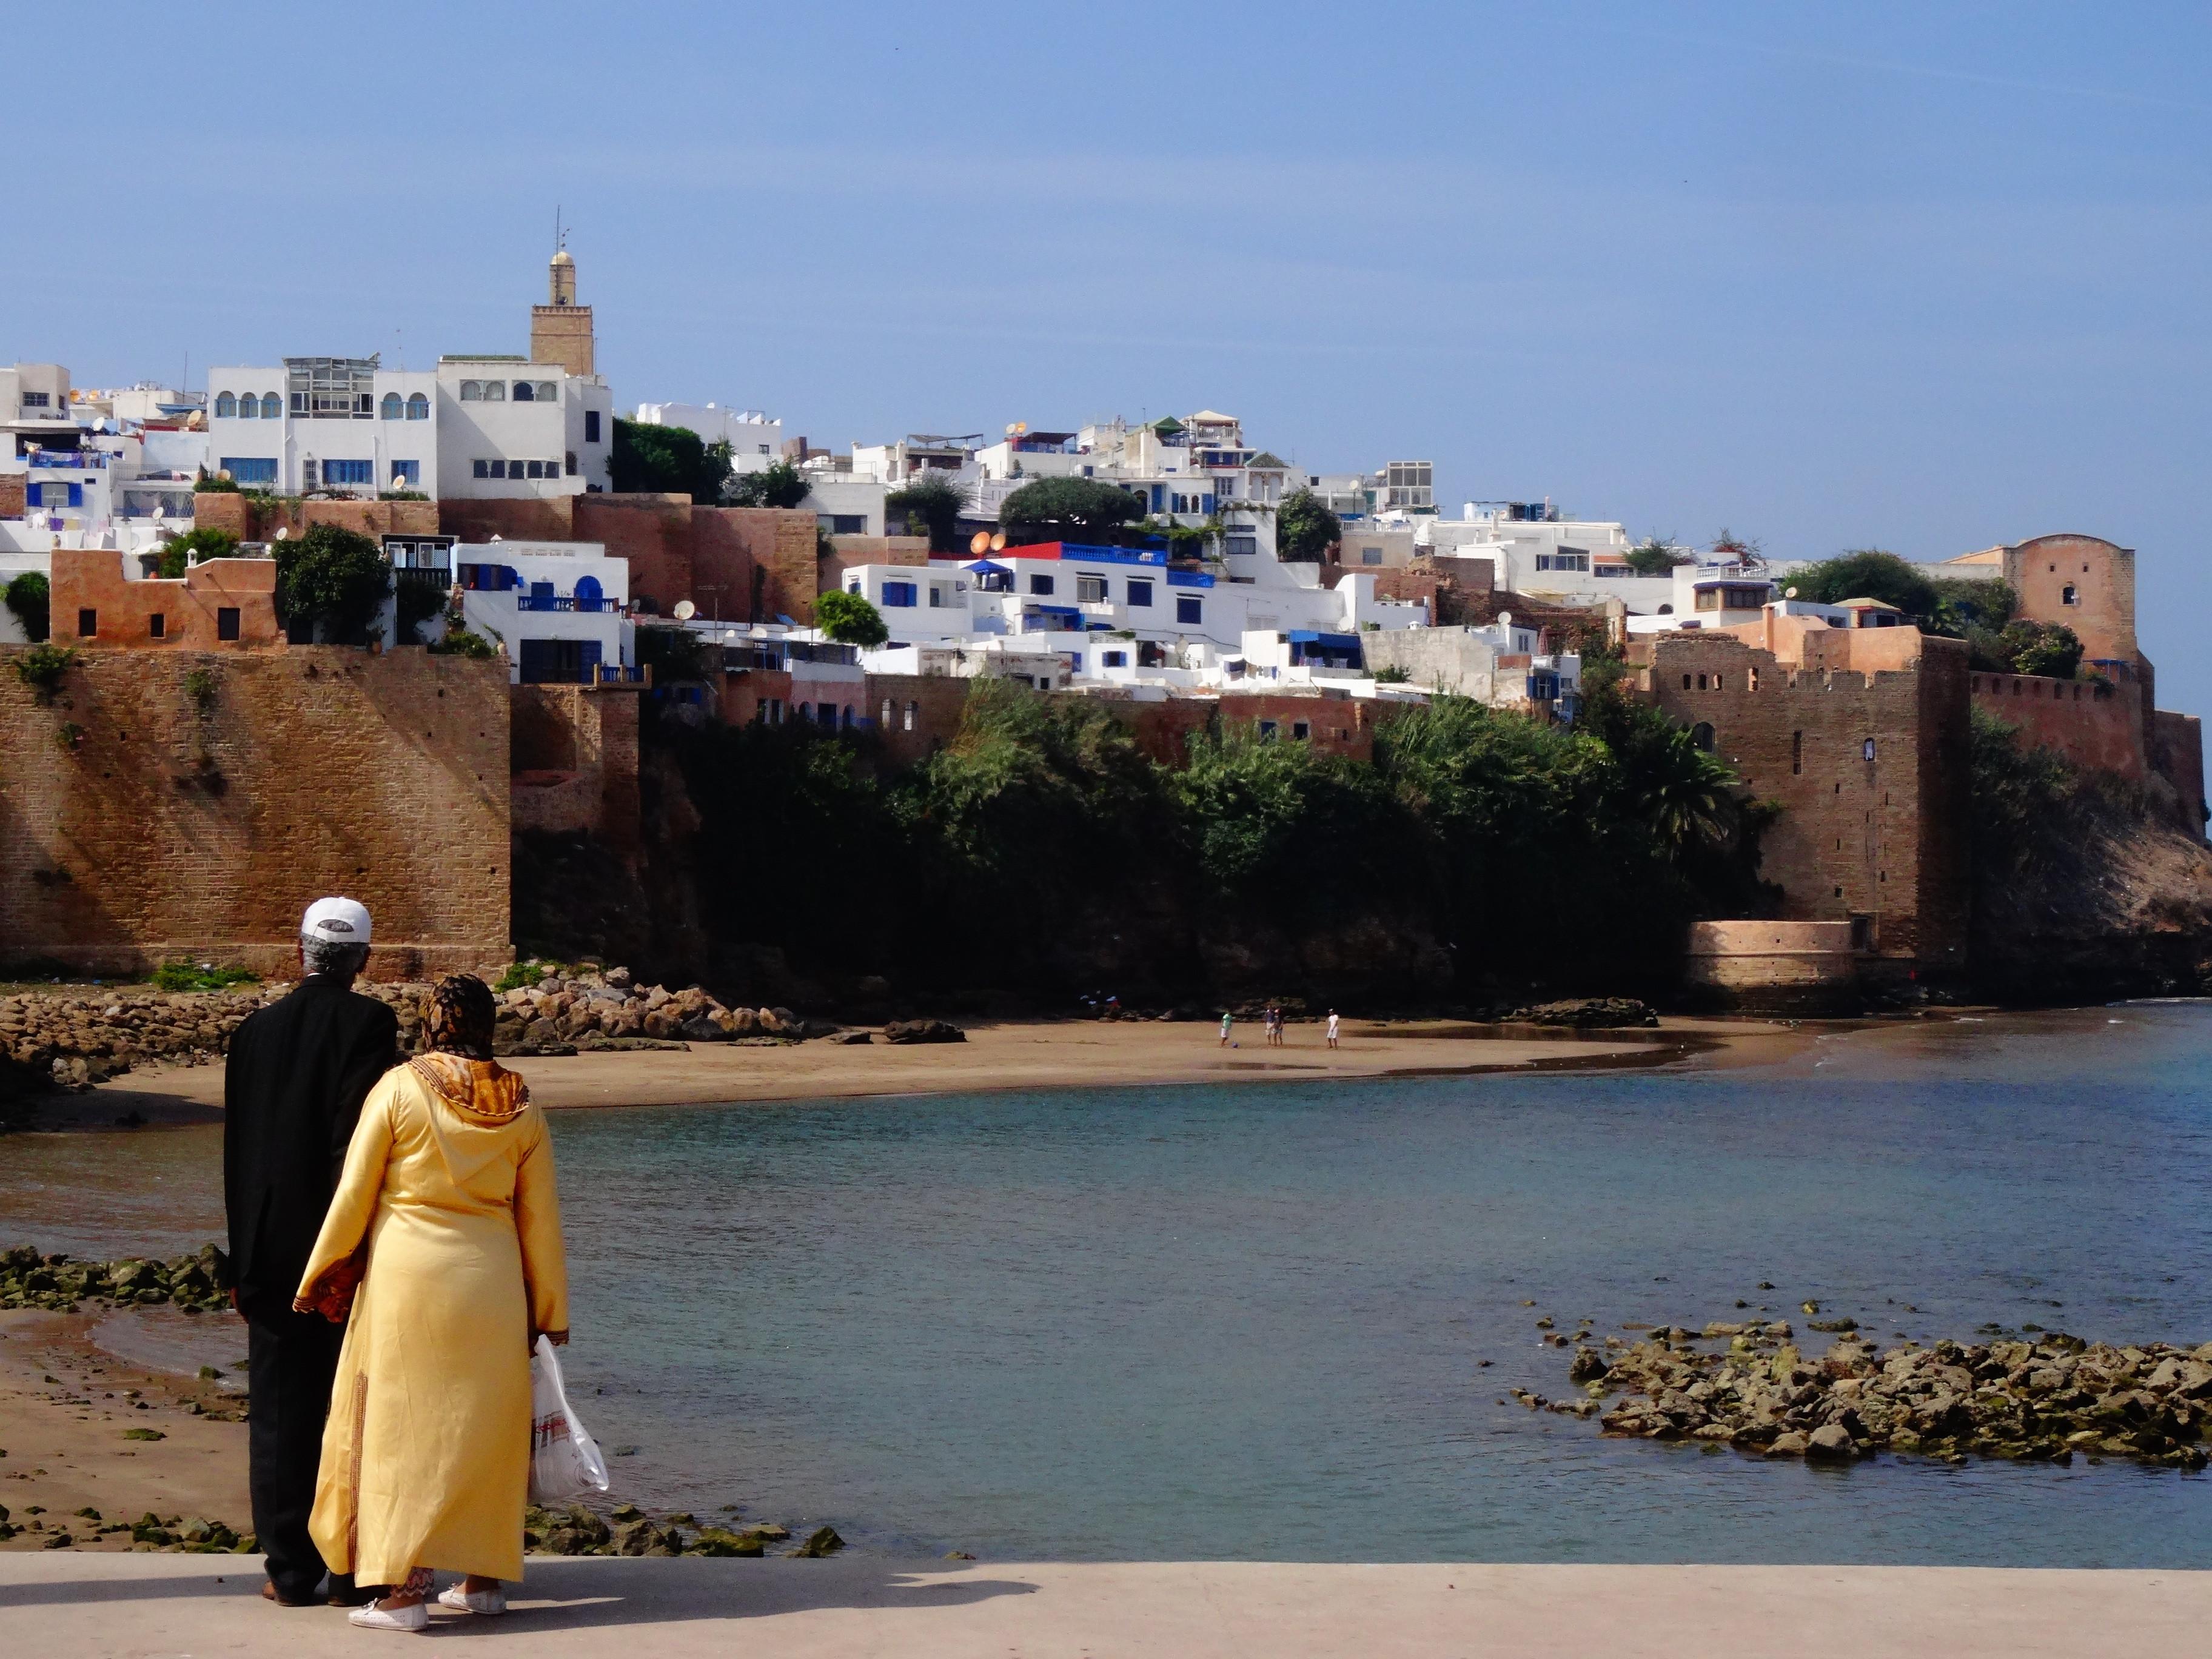 De liefde viert hoogtijdagen in Marokko. Vlinders fladderen, bij jong en oud. Iedereen knuffelt en kijkt verliefd. Dit stel straalt liefde.